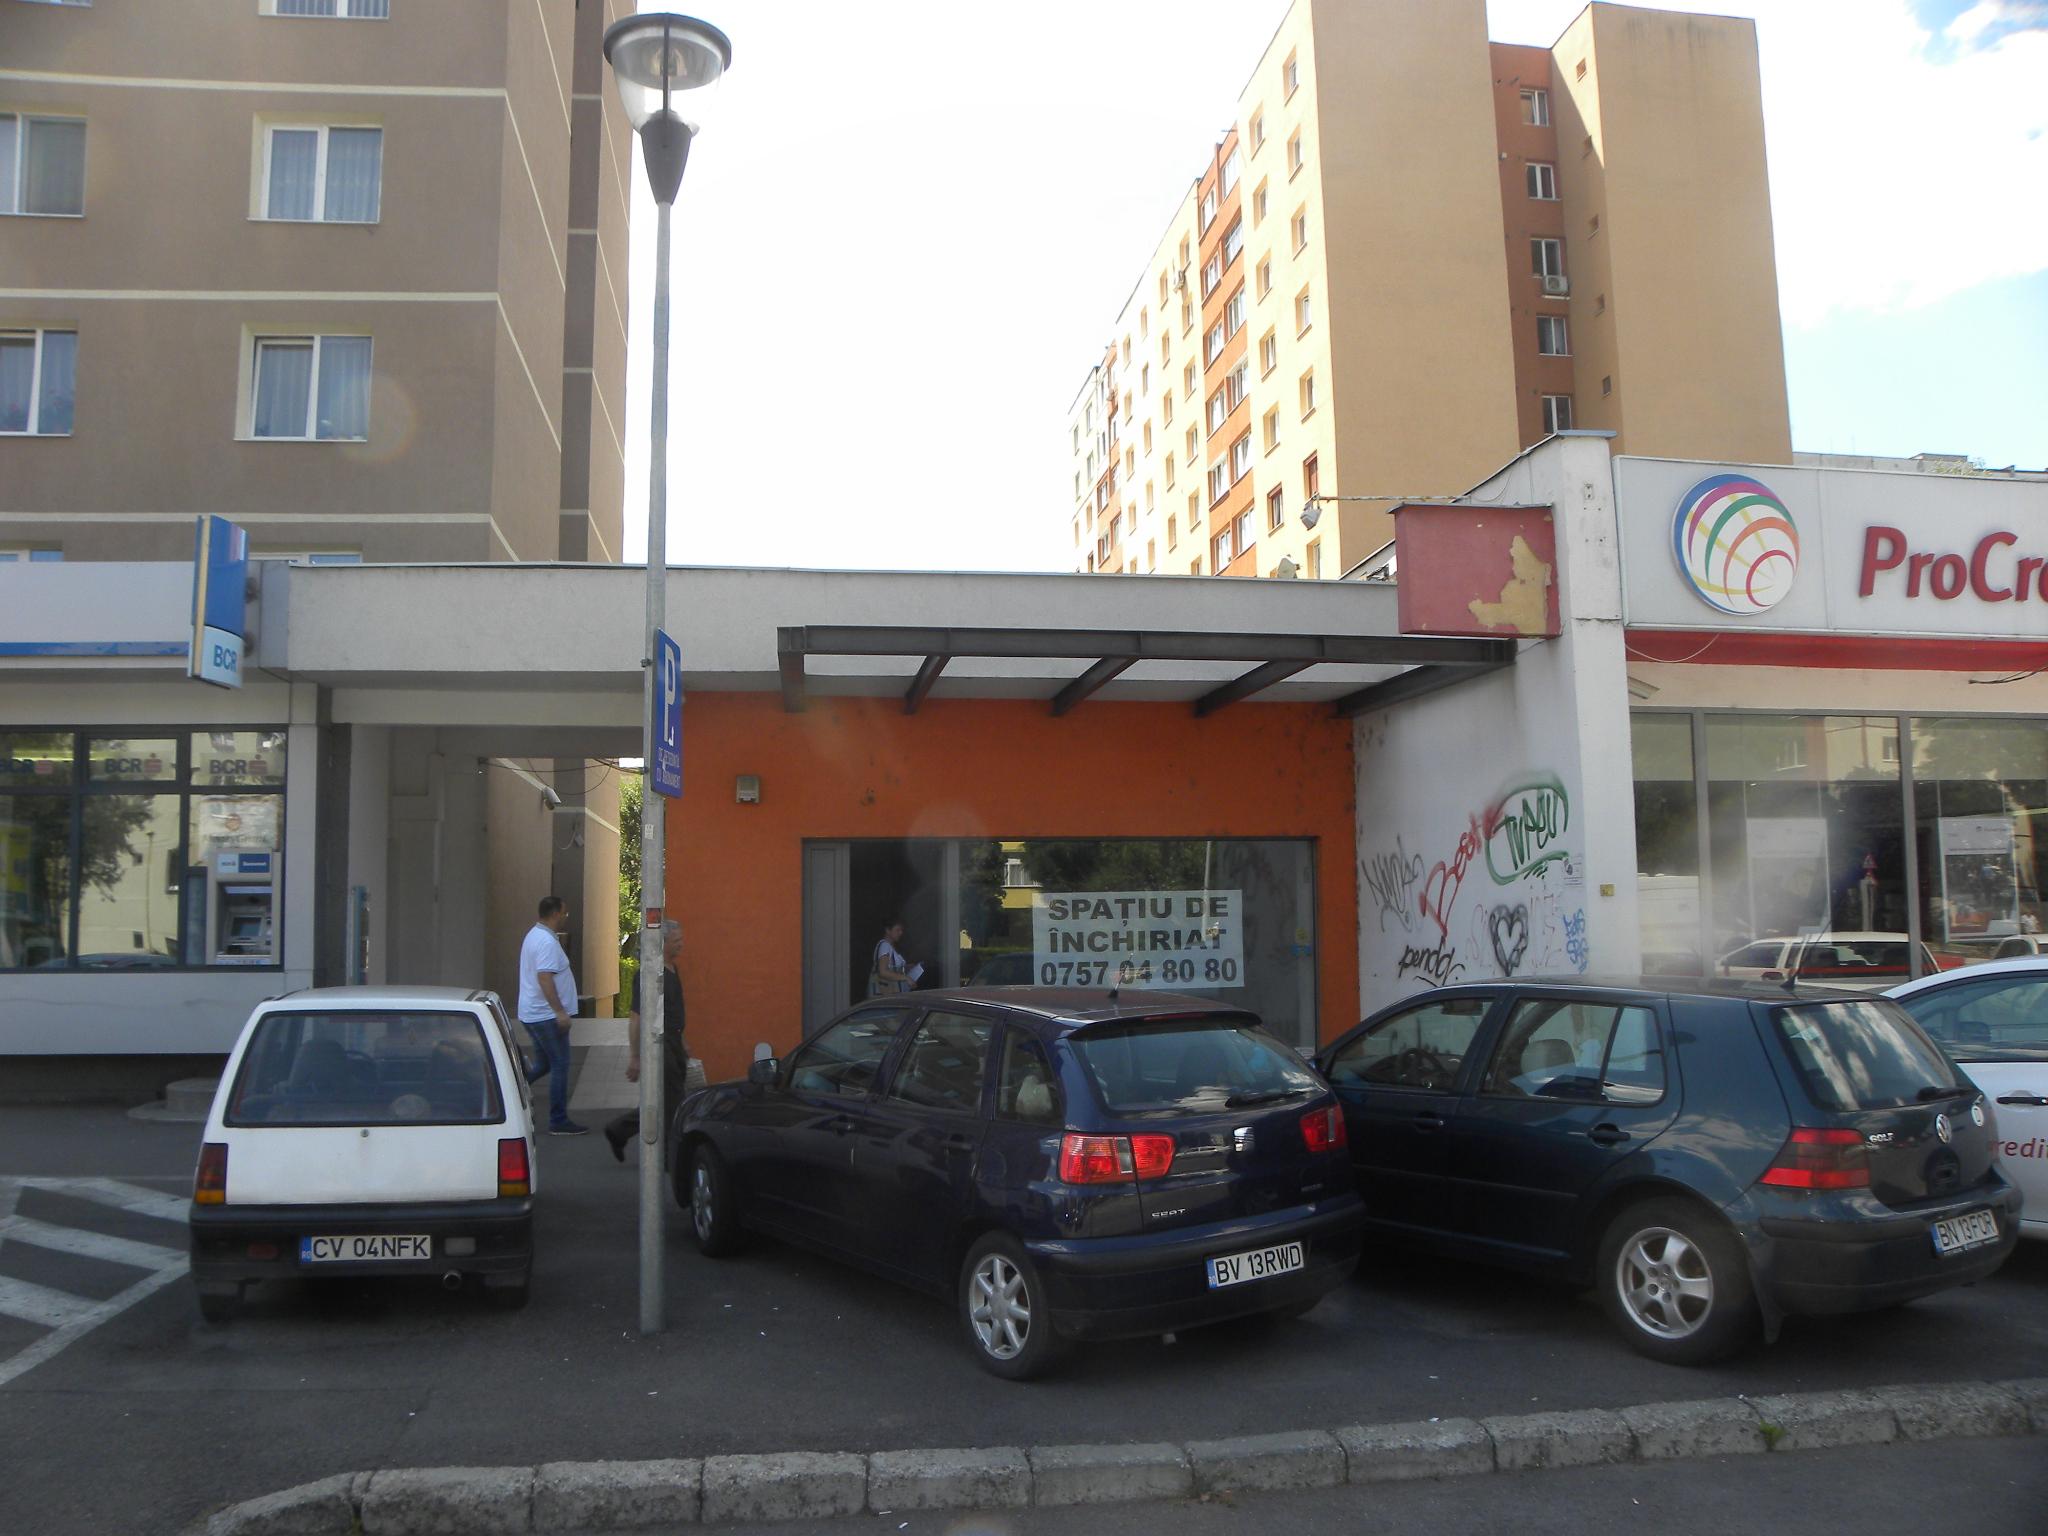 Spațiu comercial  cu Su. 151,62 mp , Calea Bucuresti, nr 90 Brașov, jud. Brașov